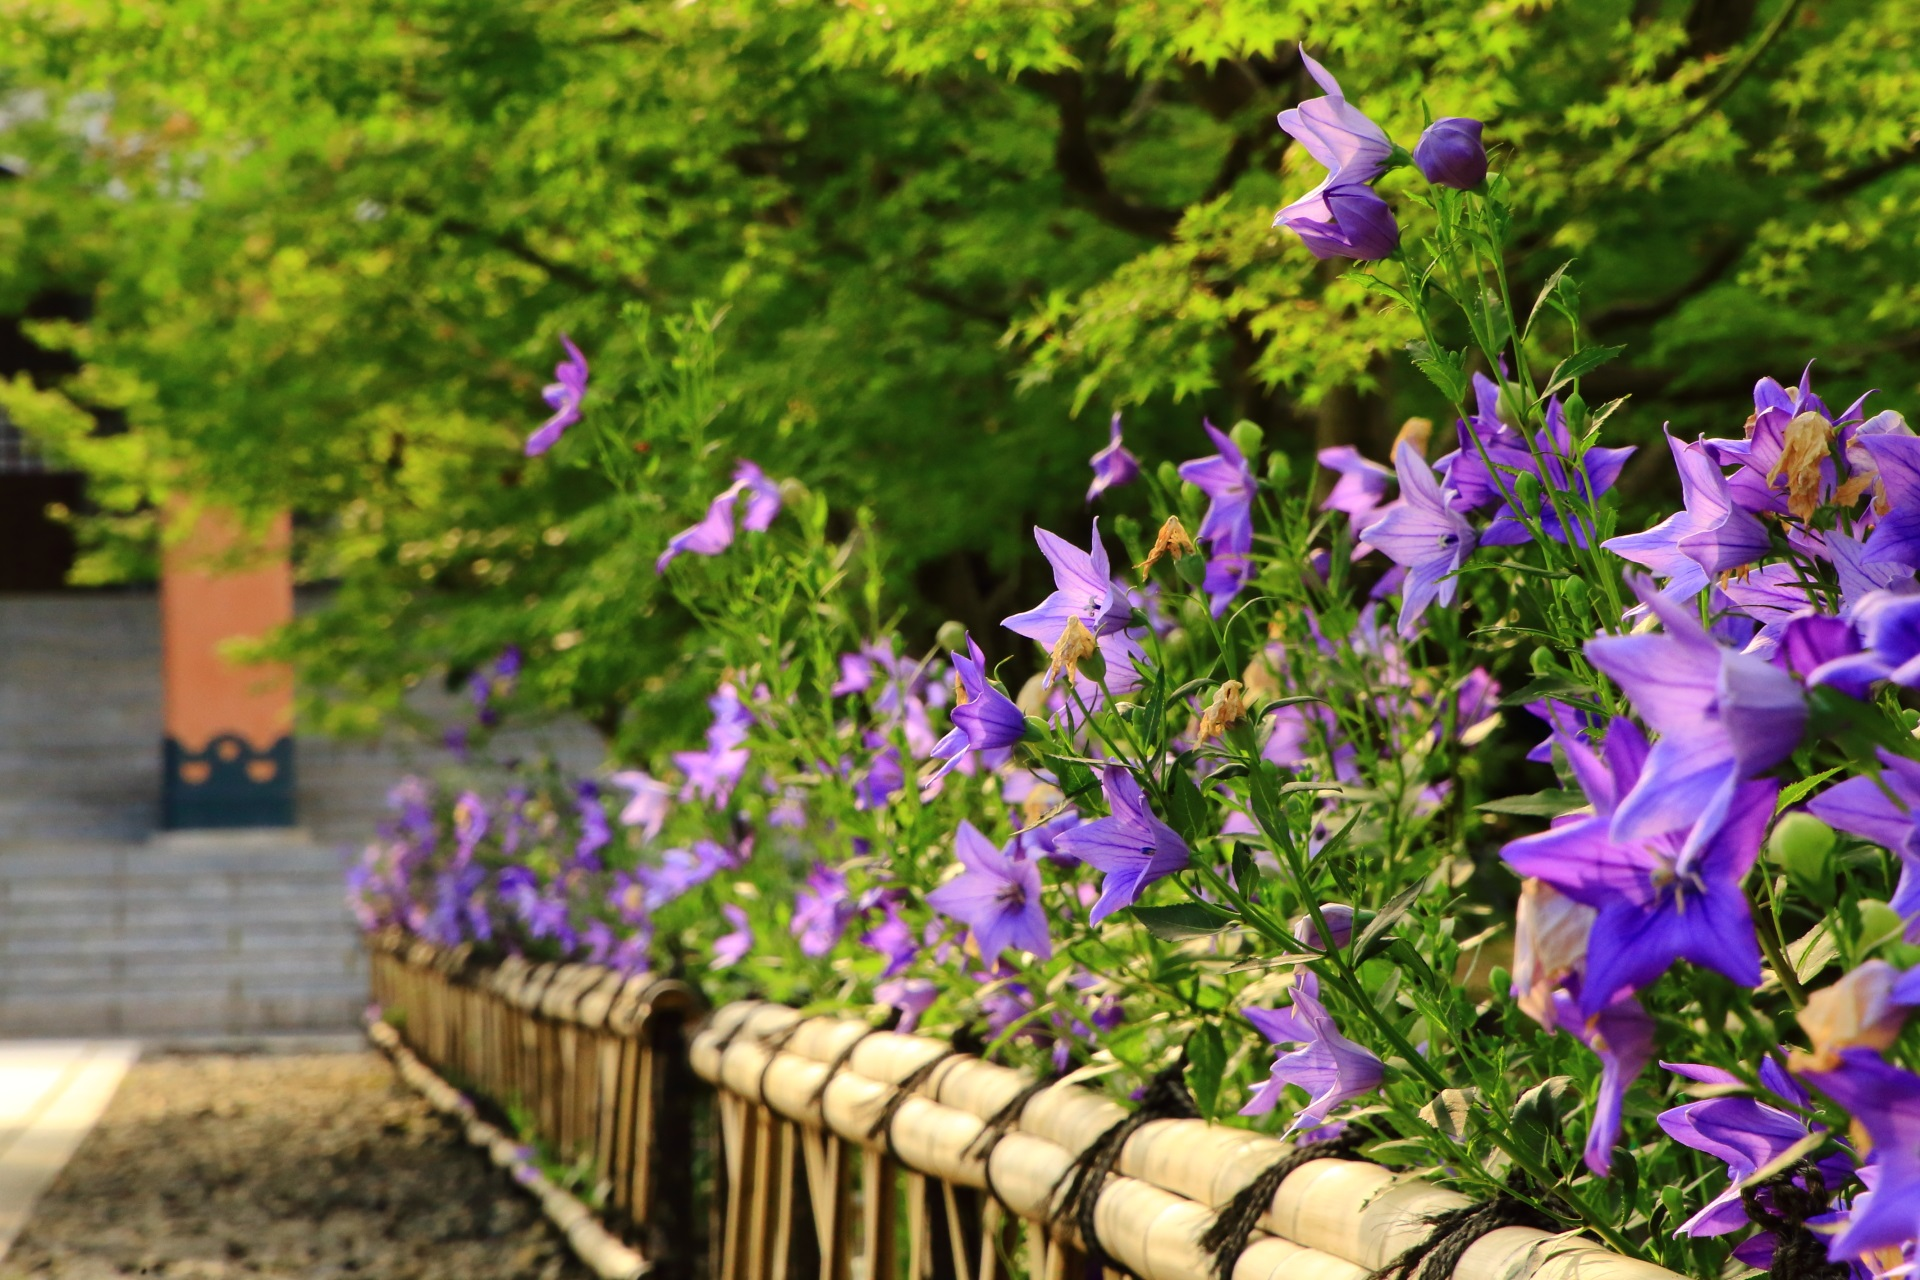 智積院の参道に咲き並ぶ艶やかな色合いの桔梗の花